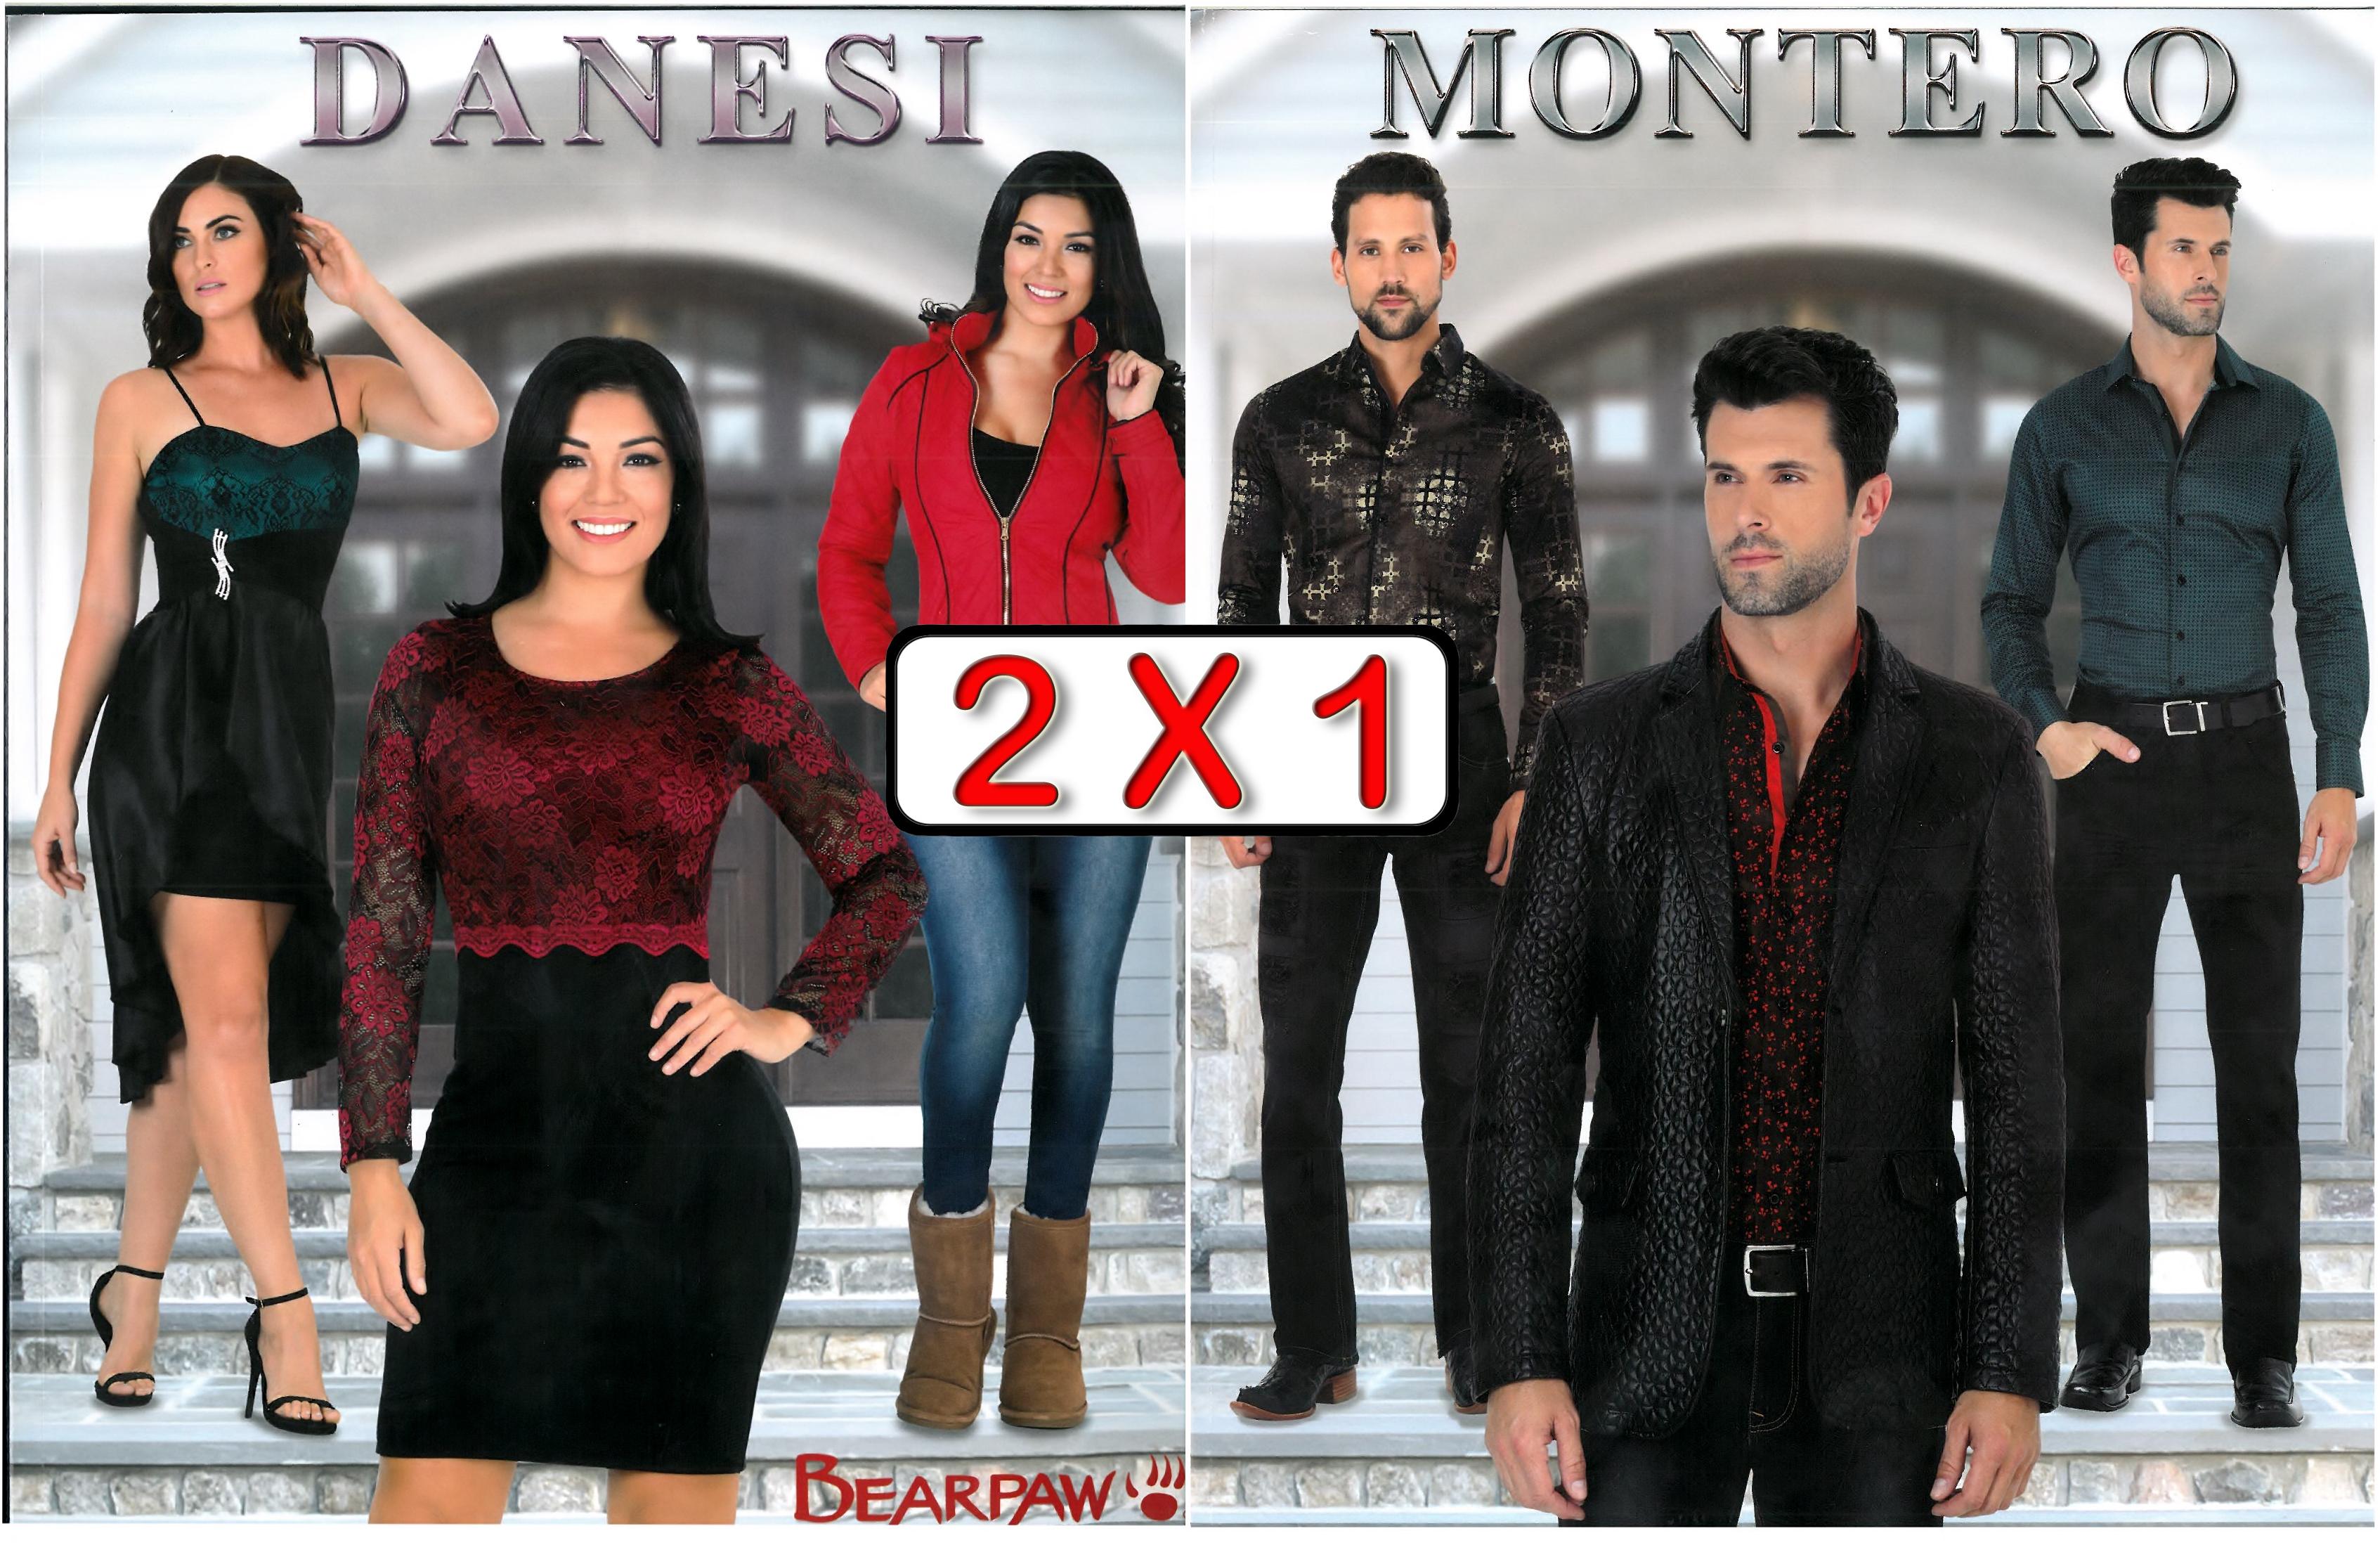 Danesi & Montero